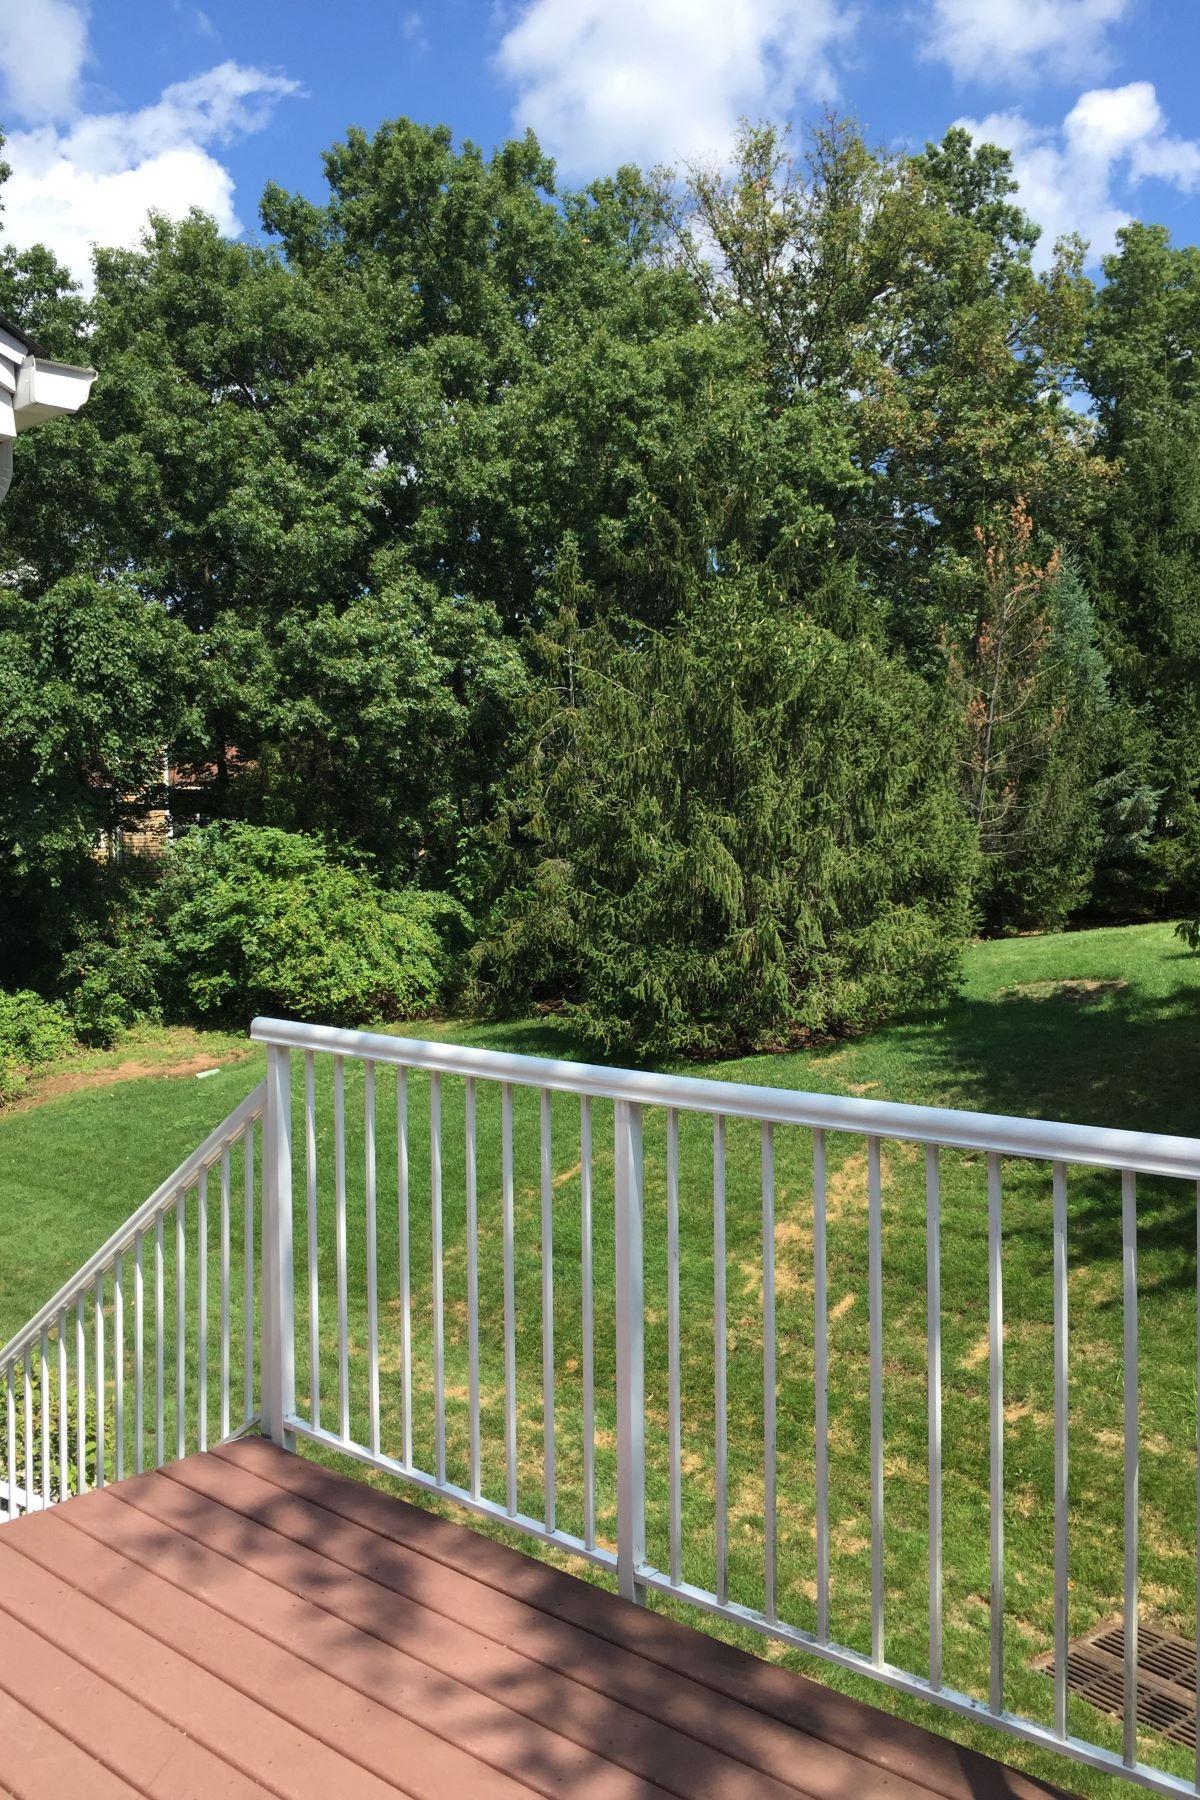 Кондоминиум для того Аренда на Updated Condo! 20 Cedar Court Bedminster, Нью-Джерси, 07921 Соединенные Штаты